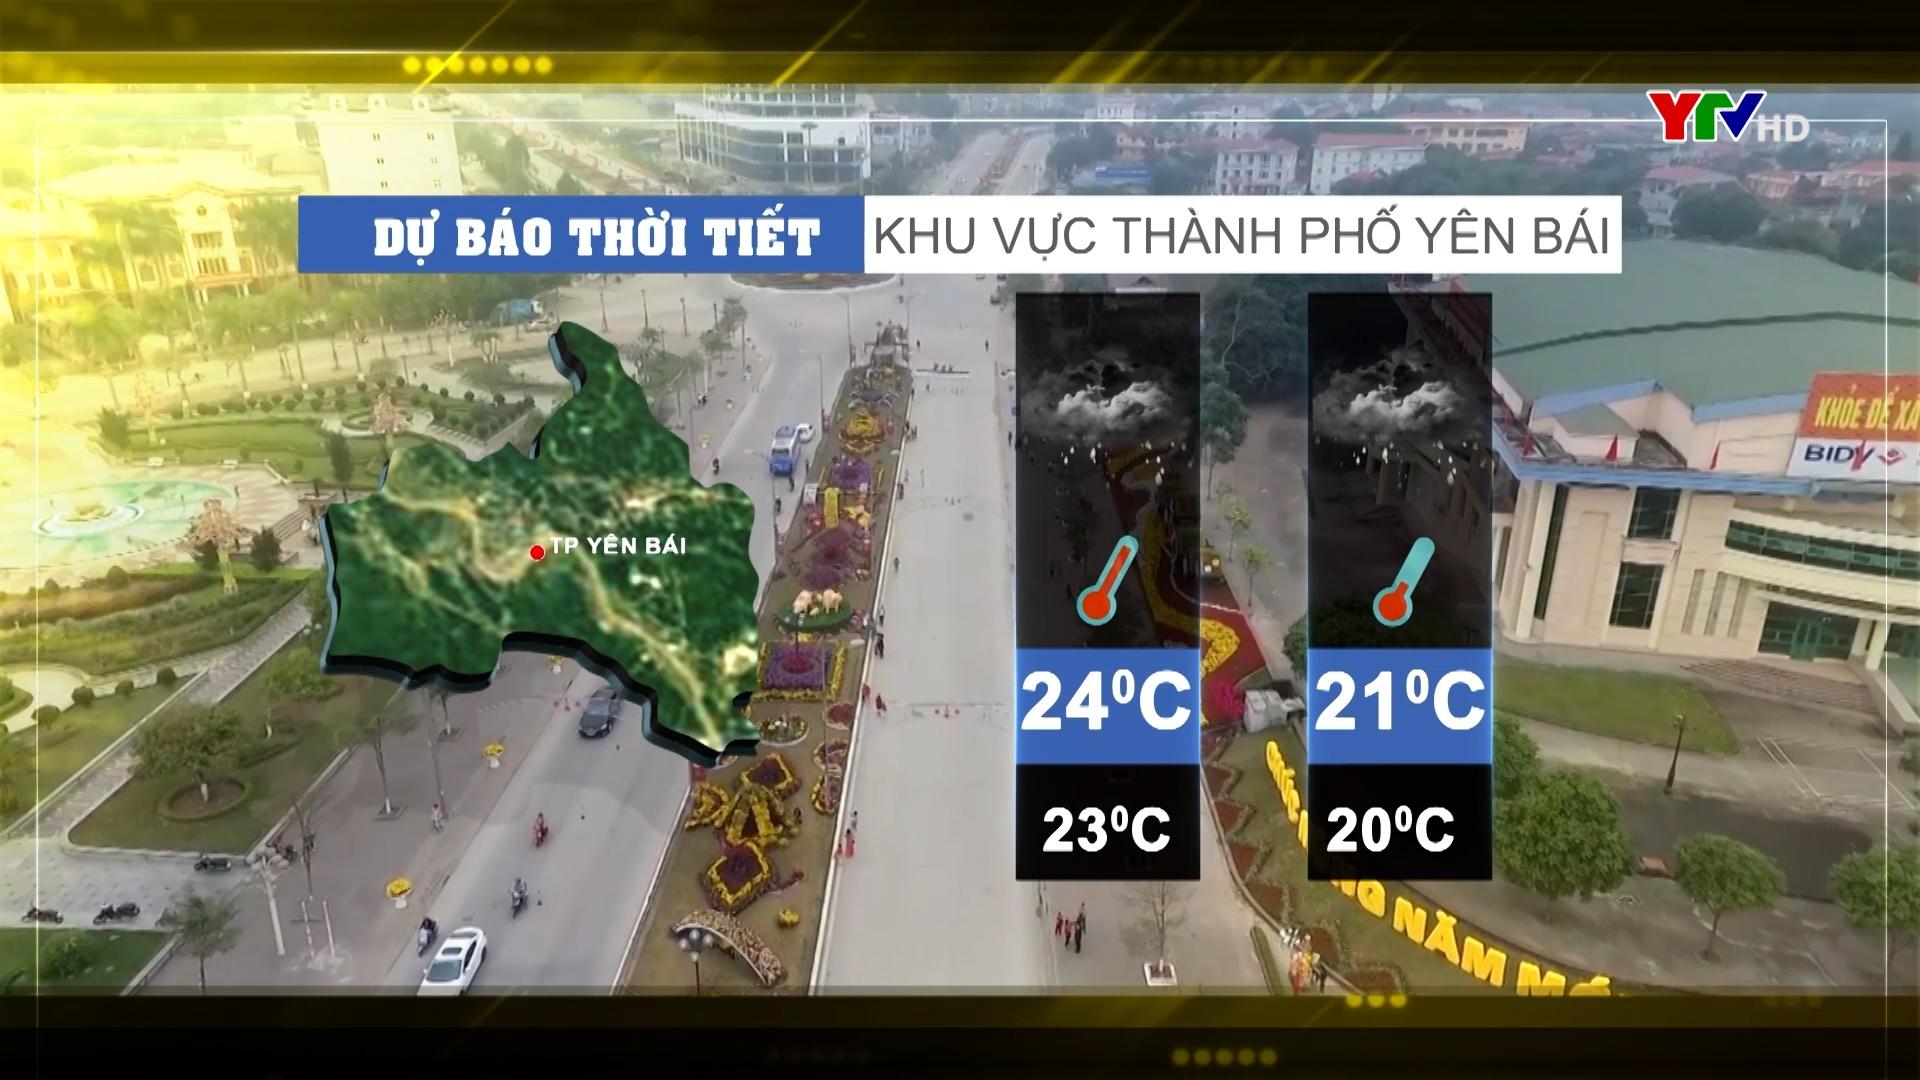 Dự báo thời tiết ngày 15 tháng 10 năm 2021